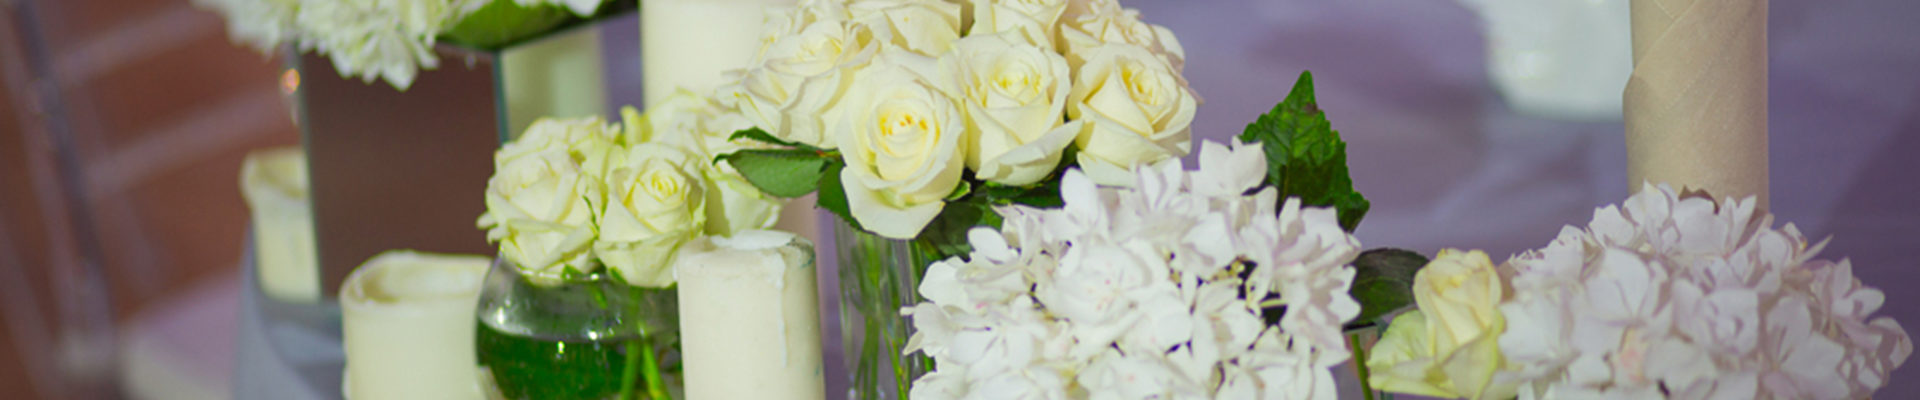 Особенности оформления свадьбы цветами